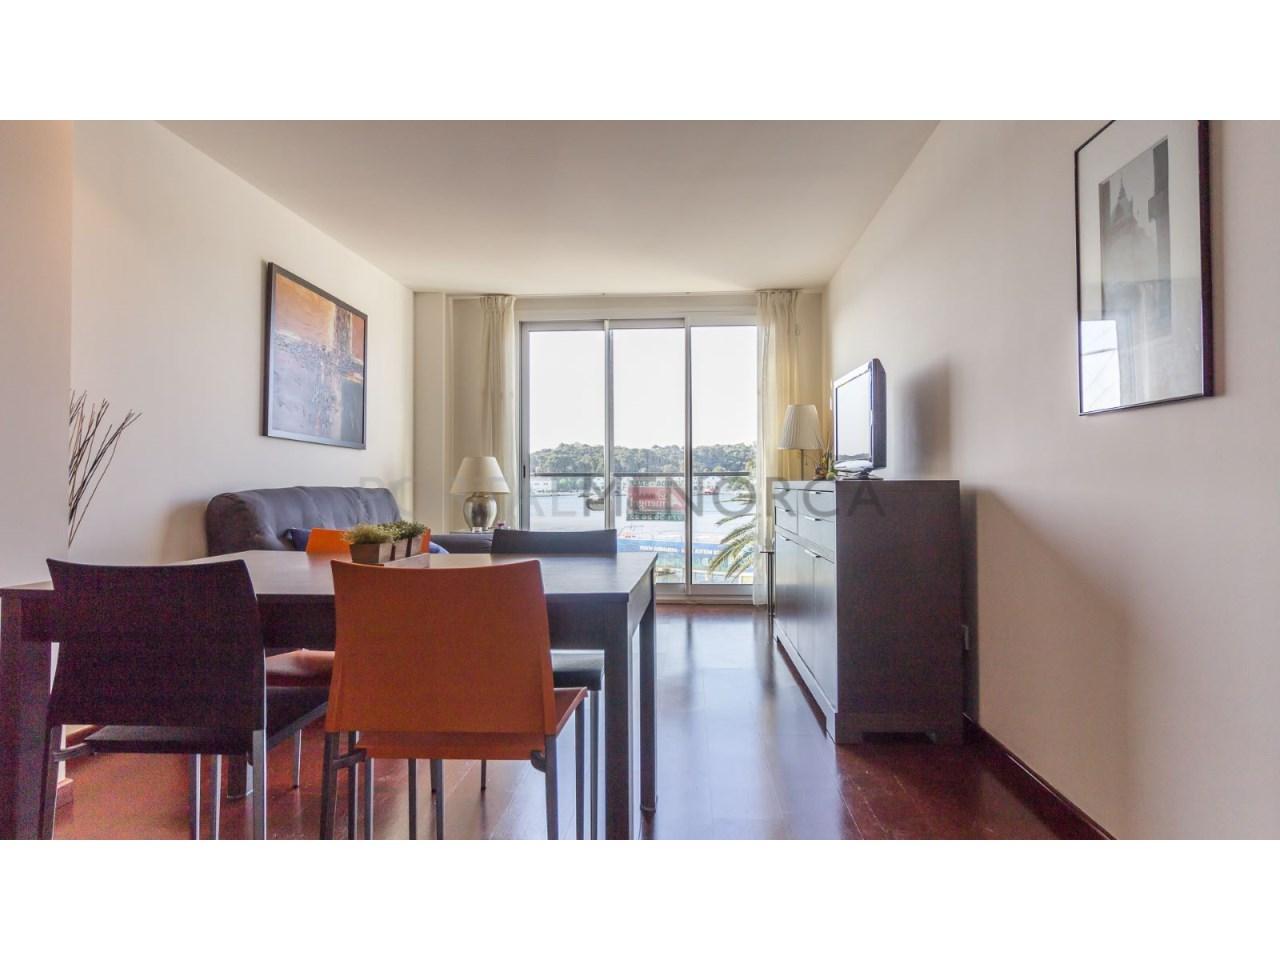 piso-duplex-tres-dormitorios-puerto-mahon-menorca-HM2572